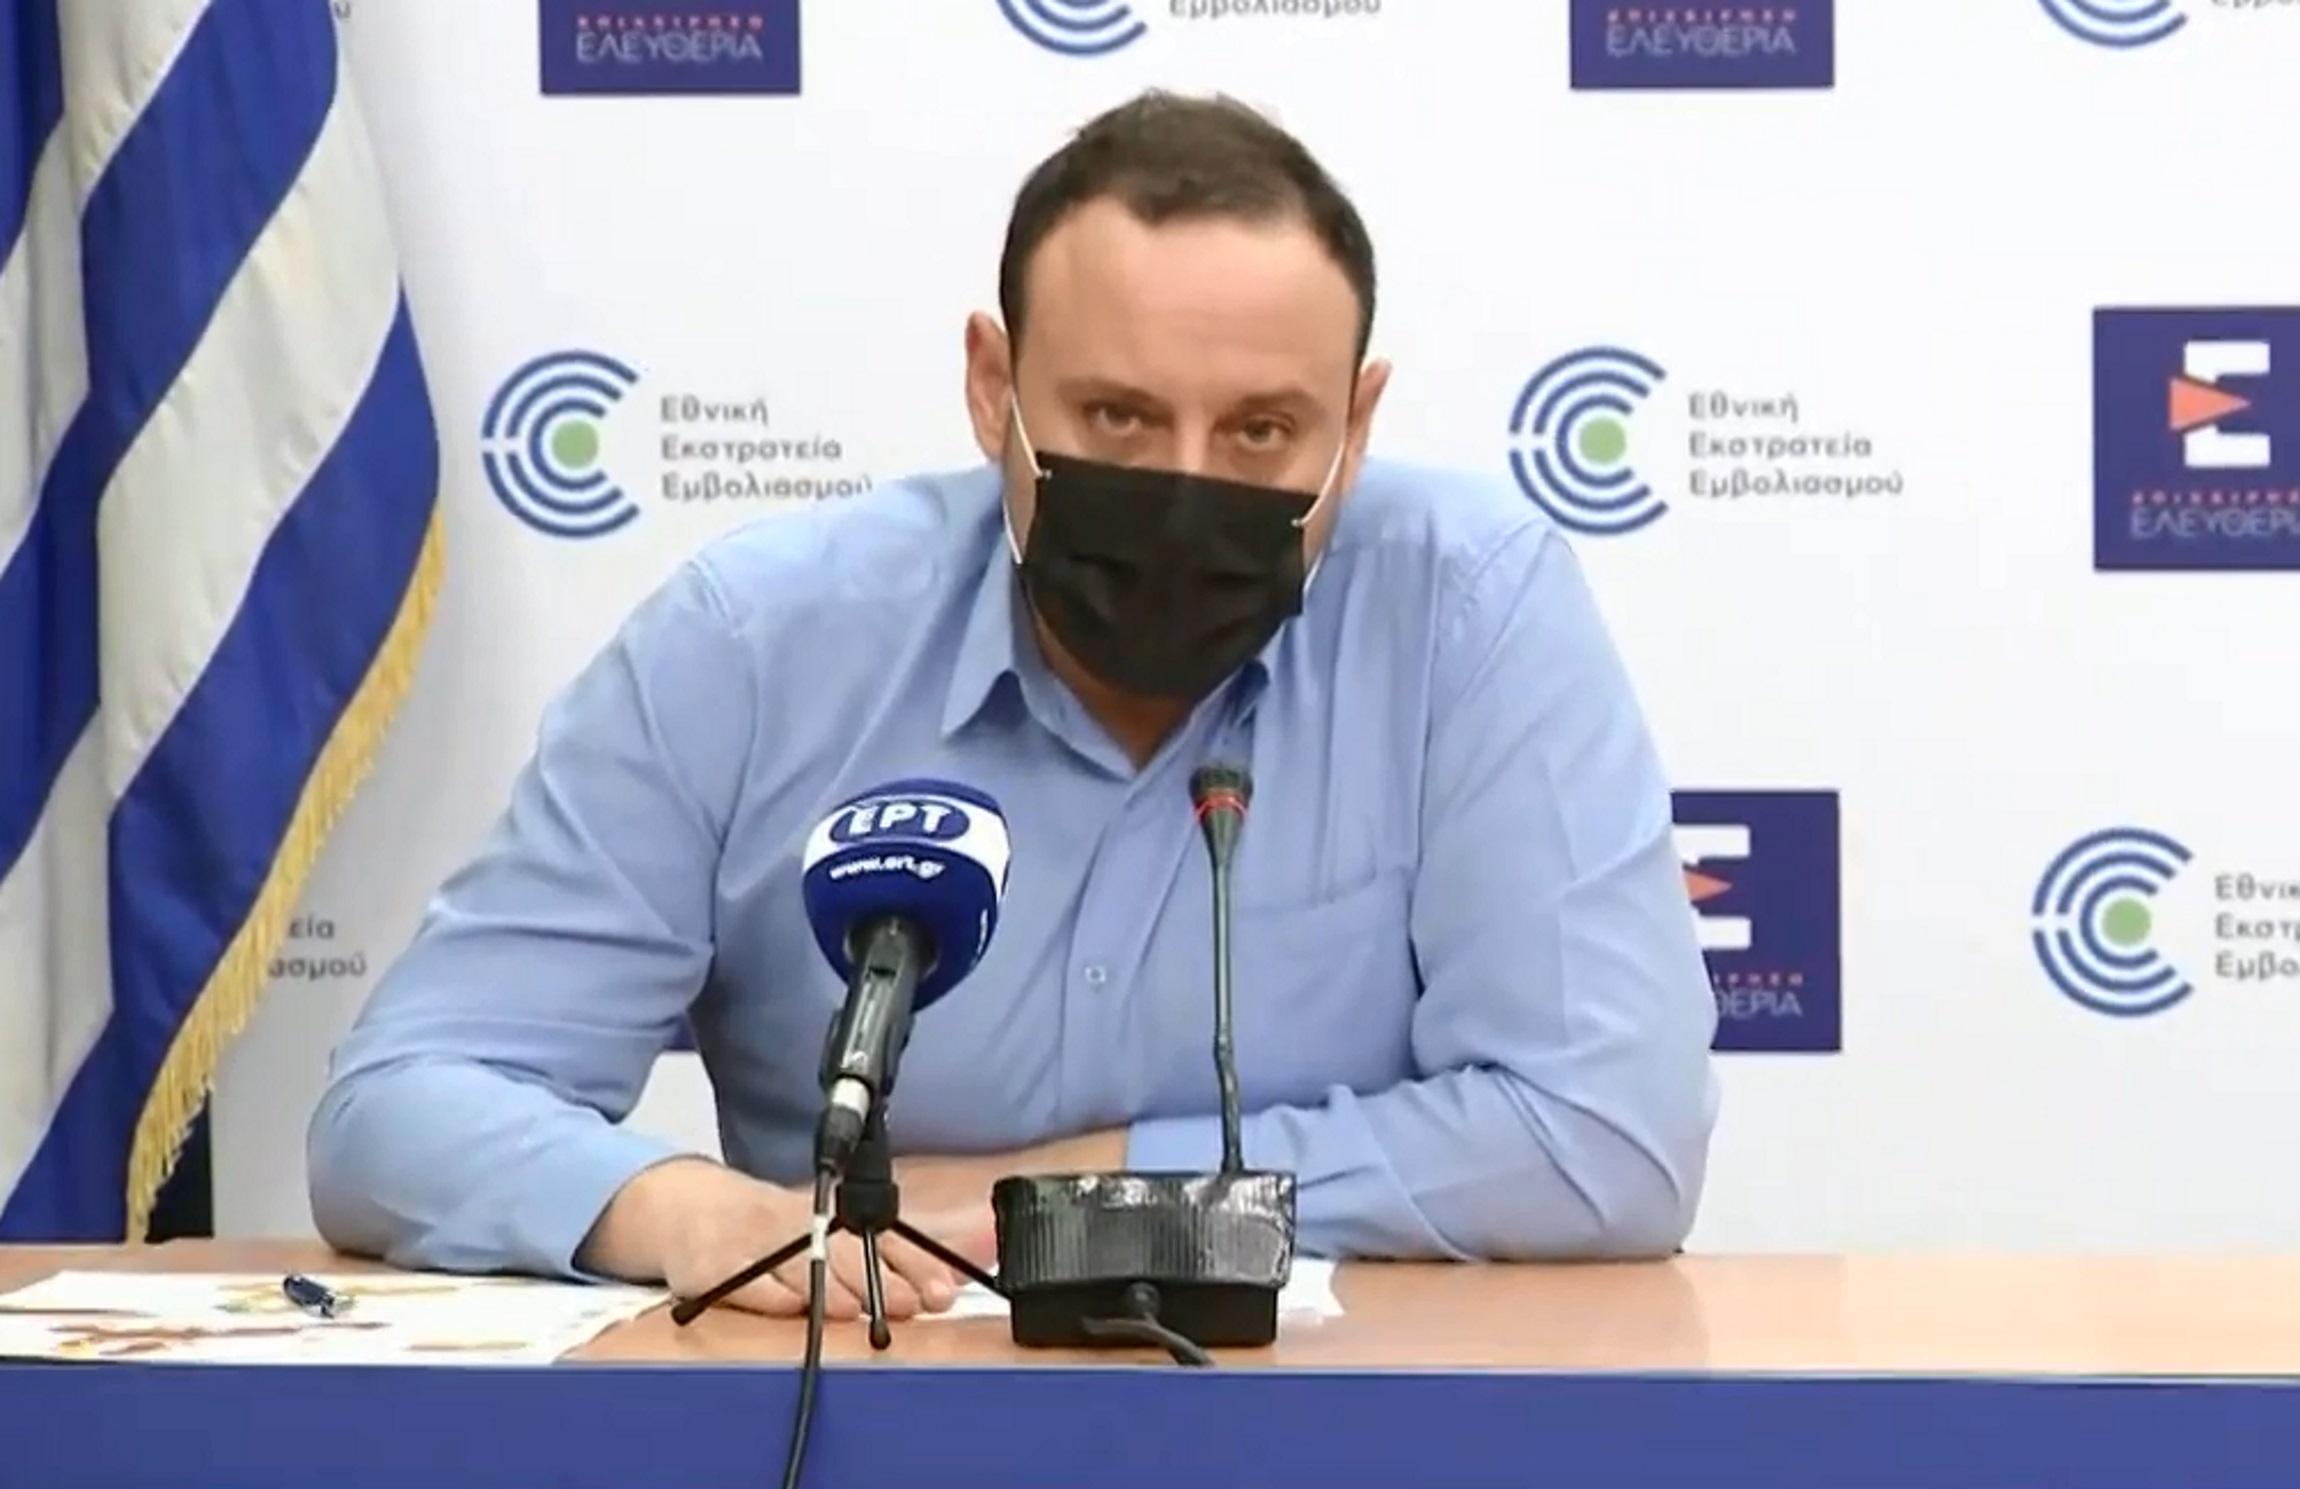 Κορονοϊός – Γκίκας Μαγιορκίνης: Πόσο αυξήθηκαν τα κρούσματα τα τελευταία τέσσερα 24ωρα